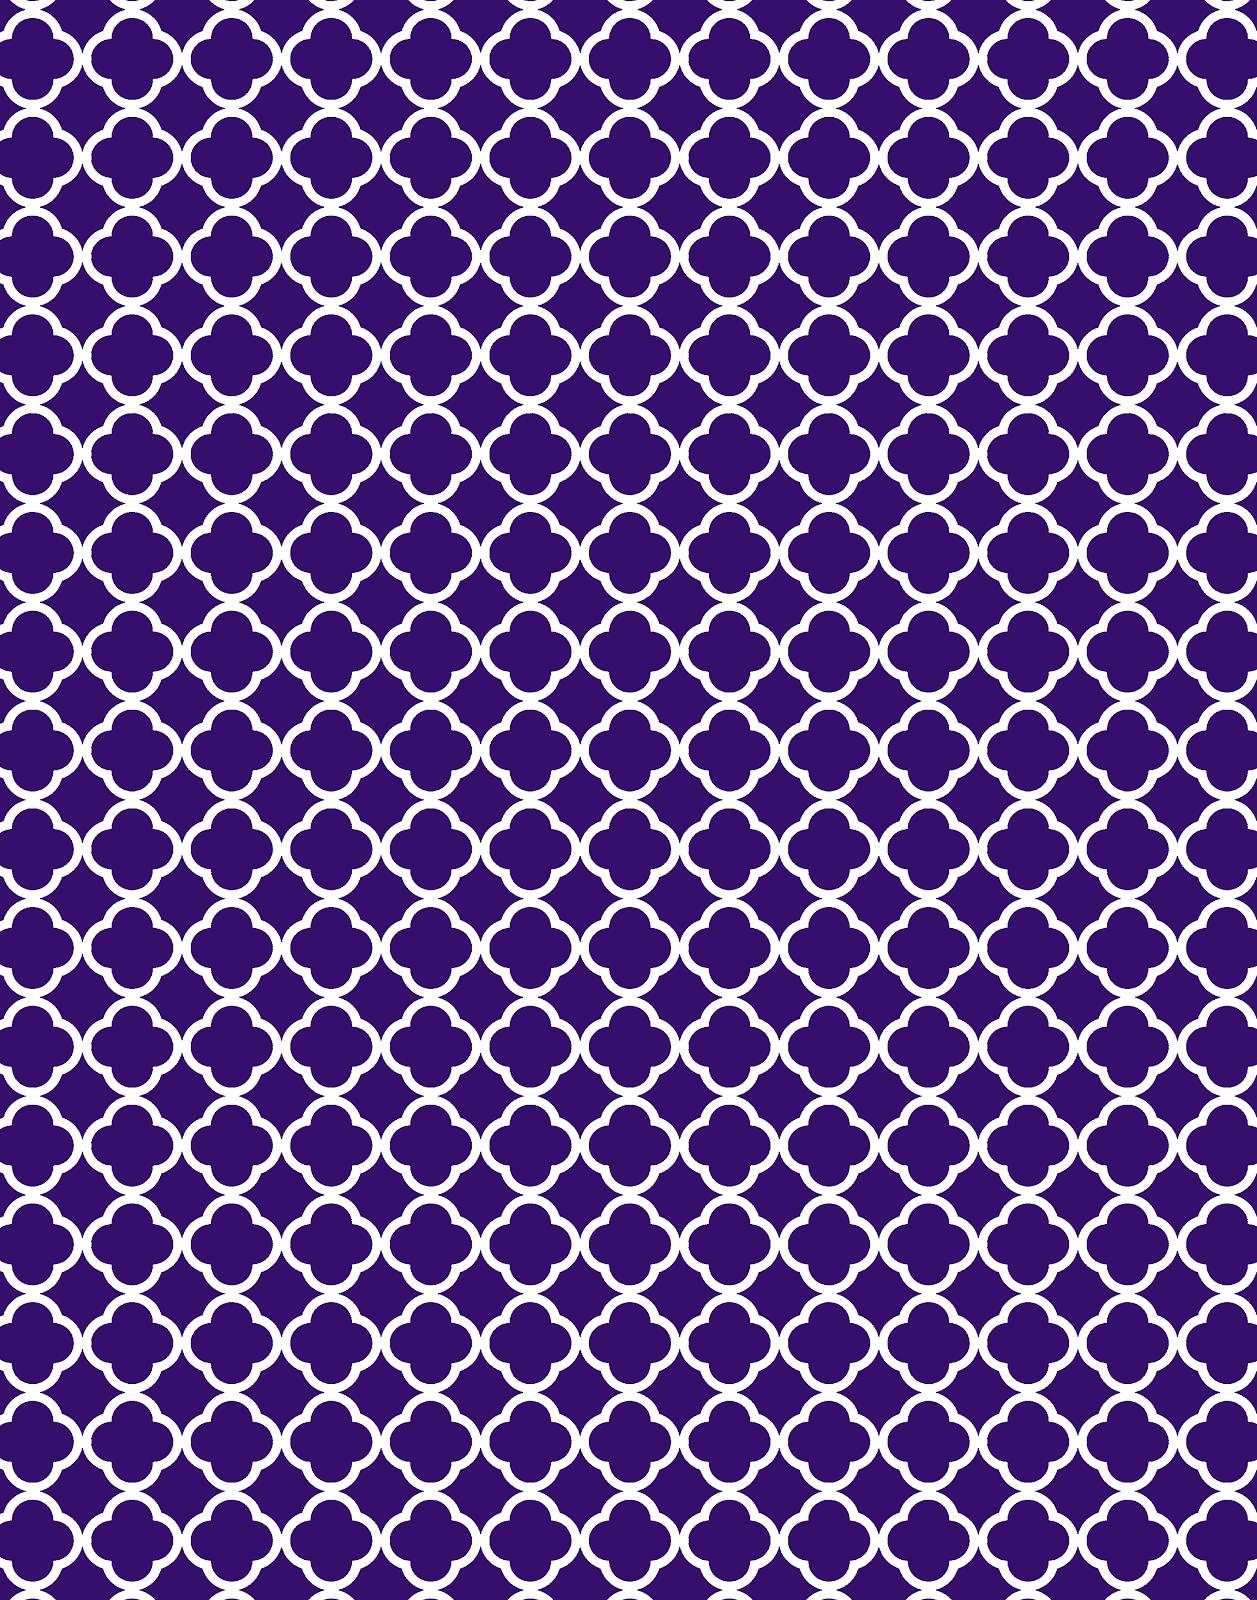 Freebie 3 Quatrefoil Backgrounds